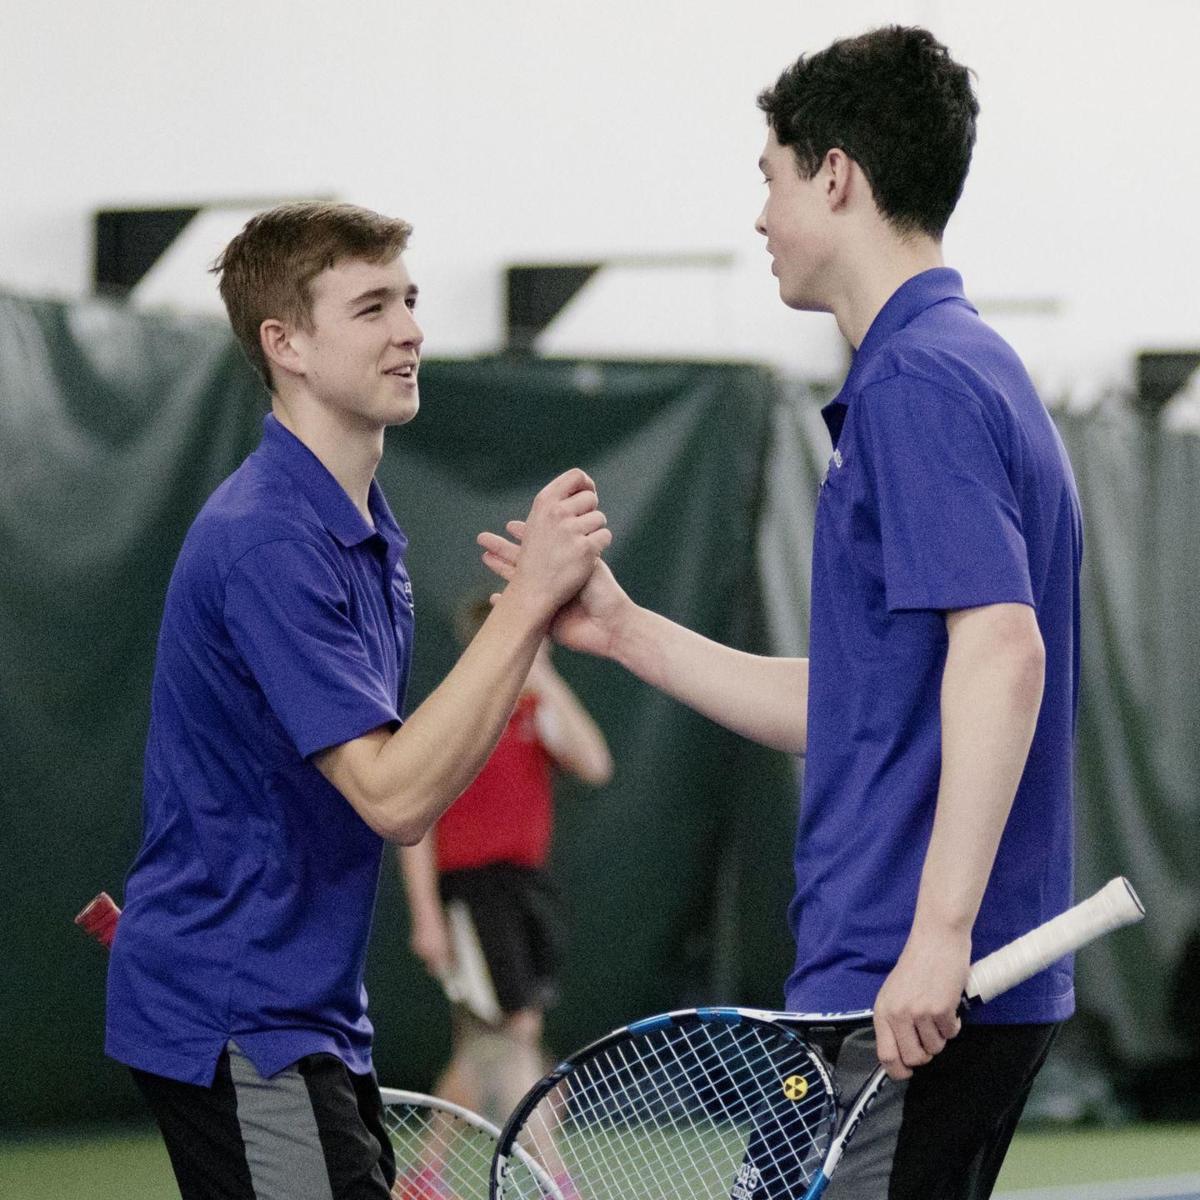 Memorial tennis